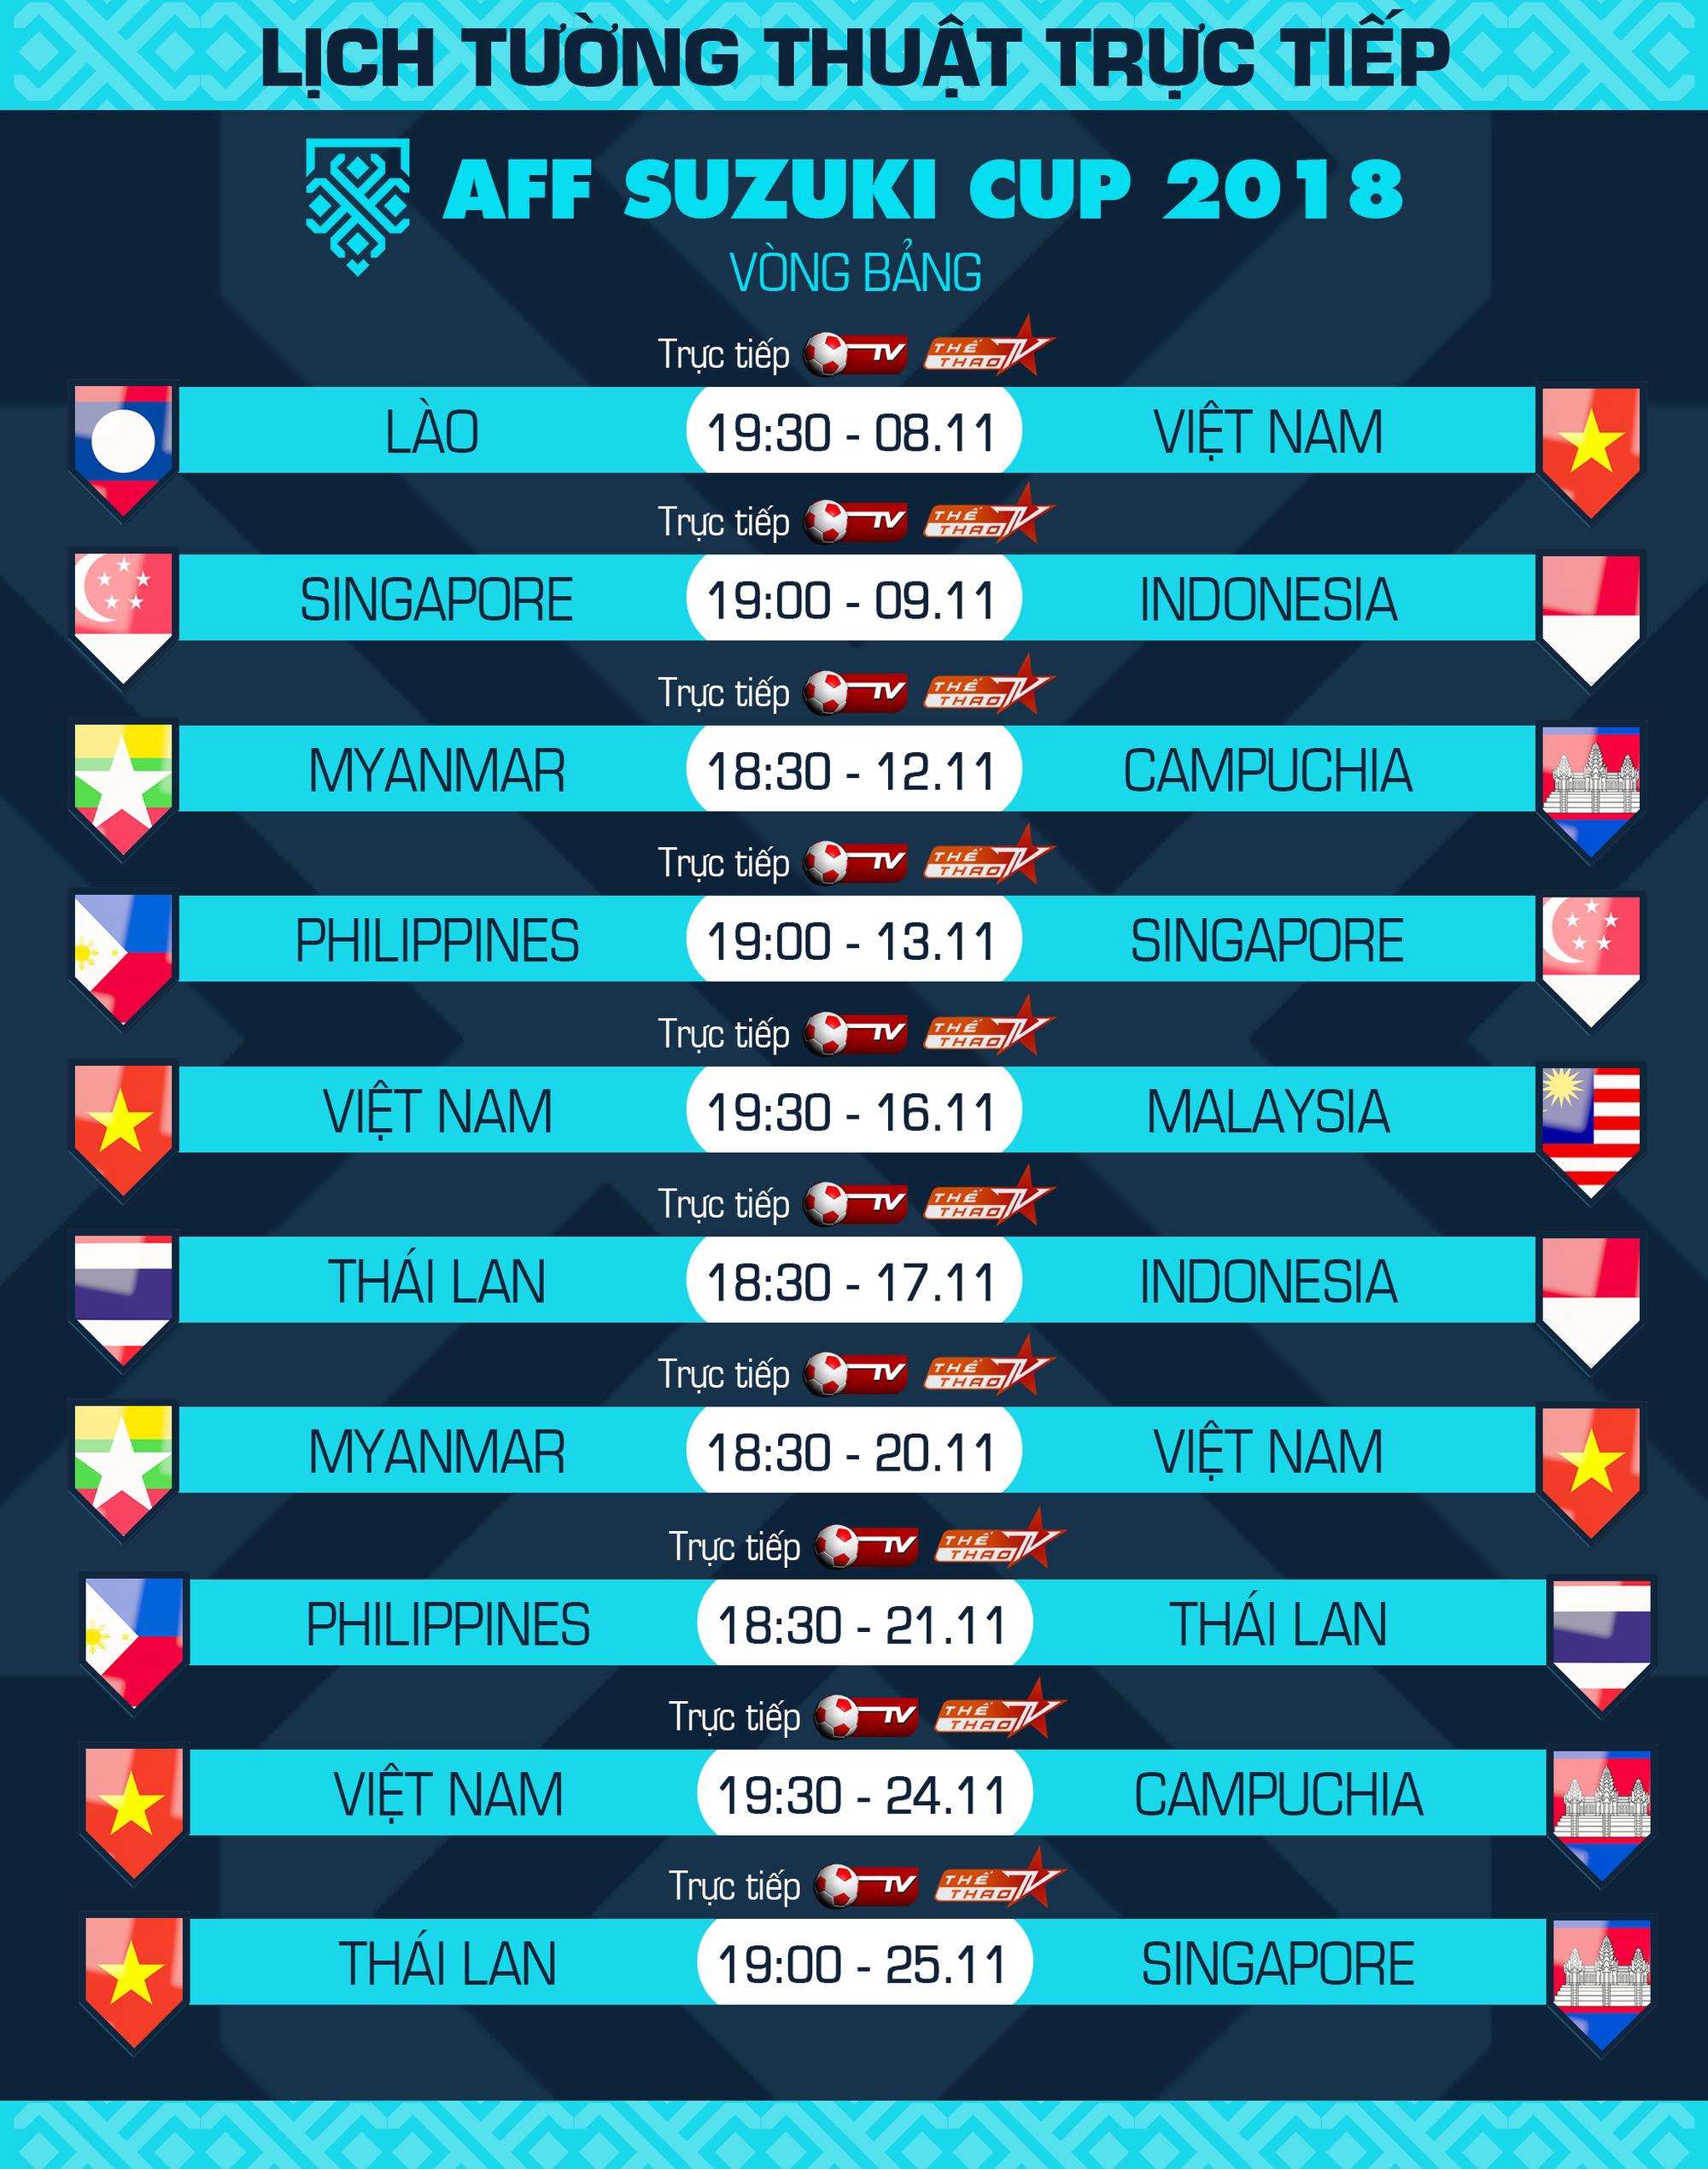 Lịch phát sóng vòng bảng AFF Cup 2018 - Ảnh 4.